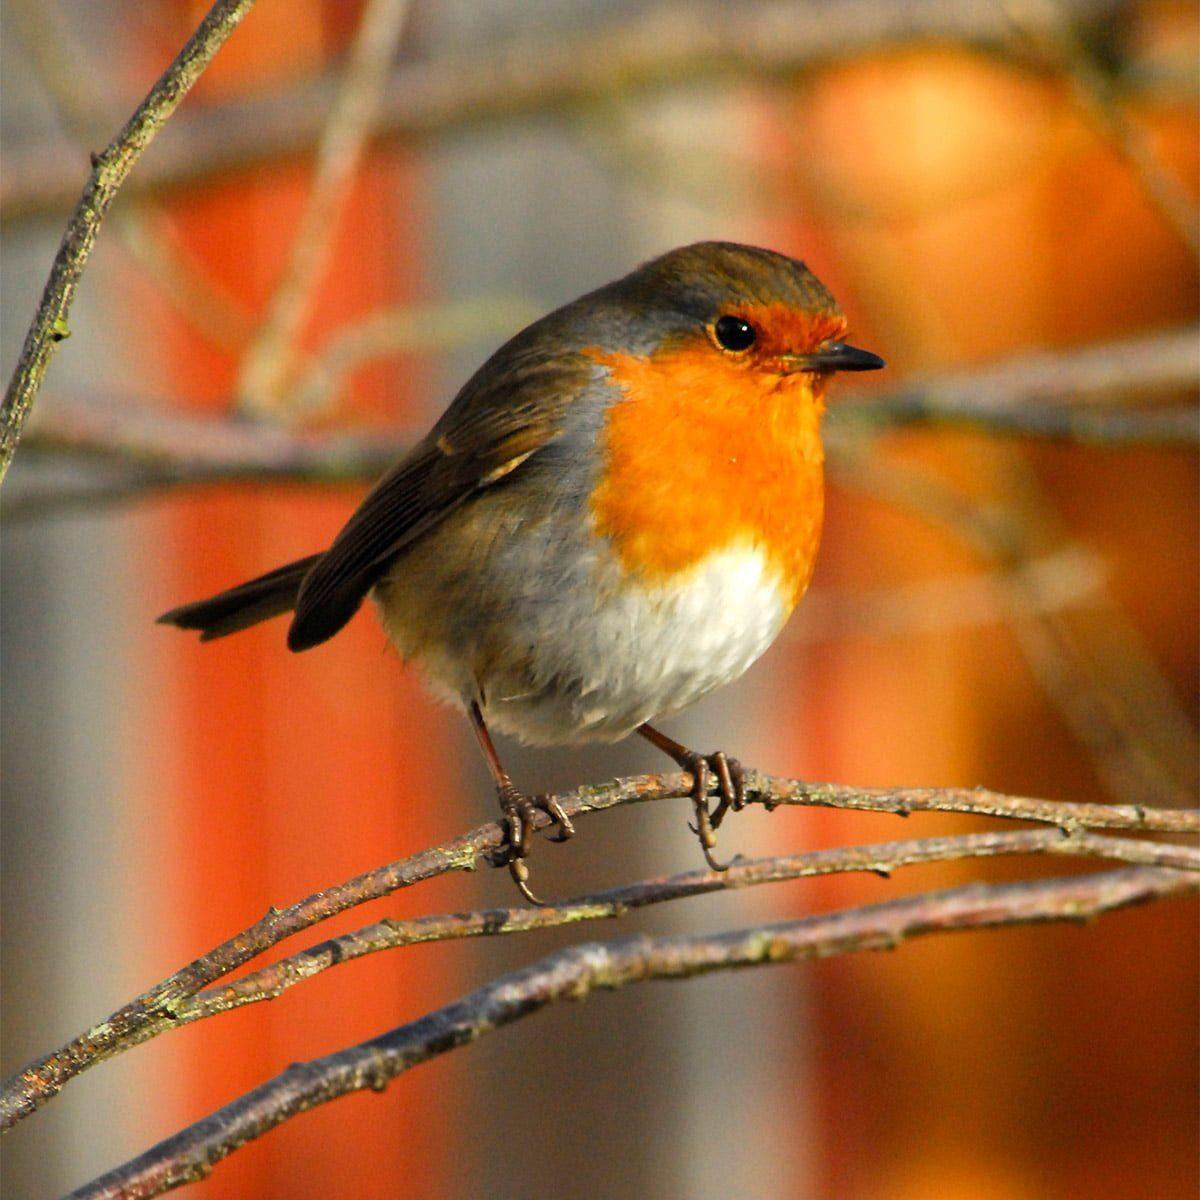 robin resting on branch in winter